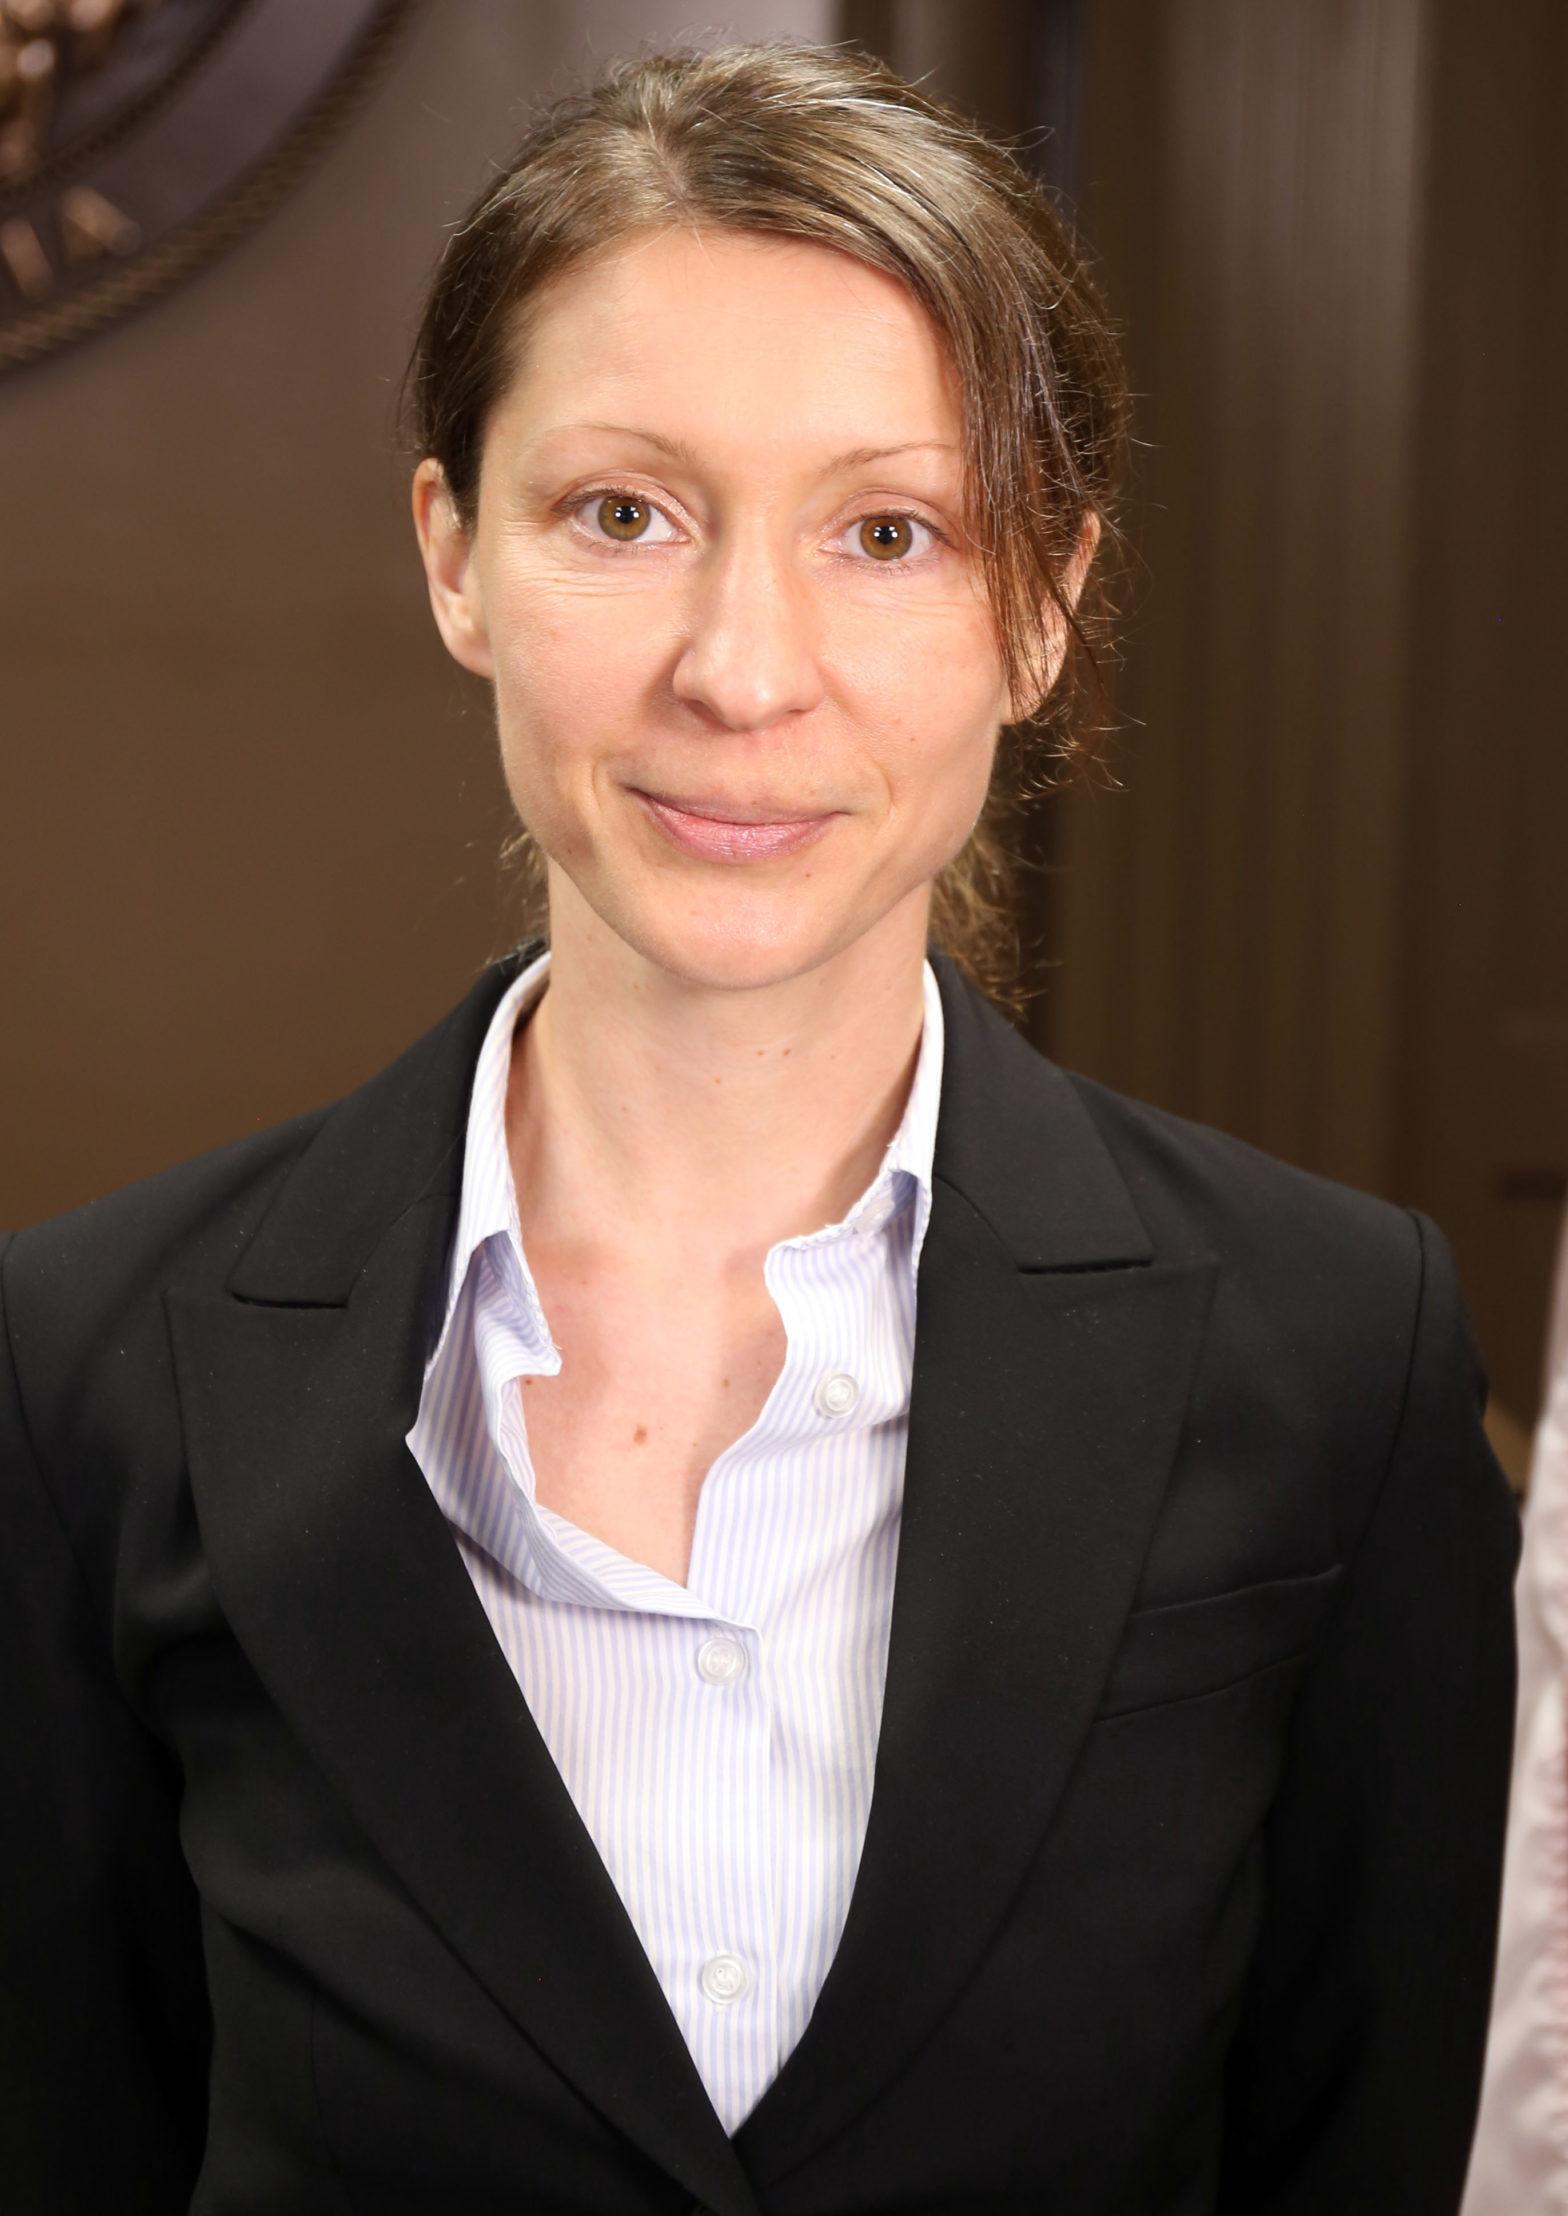 Monica A. Szkopek